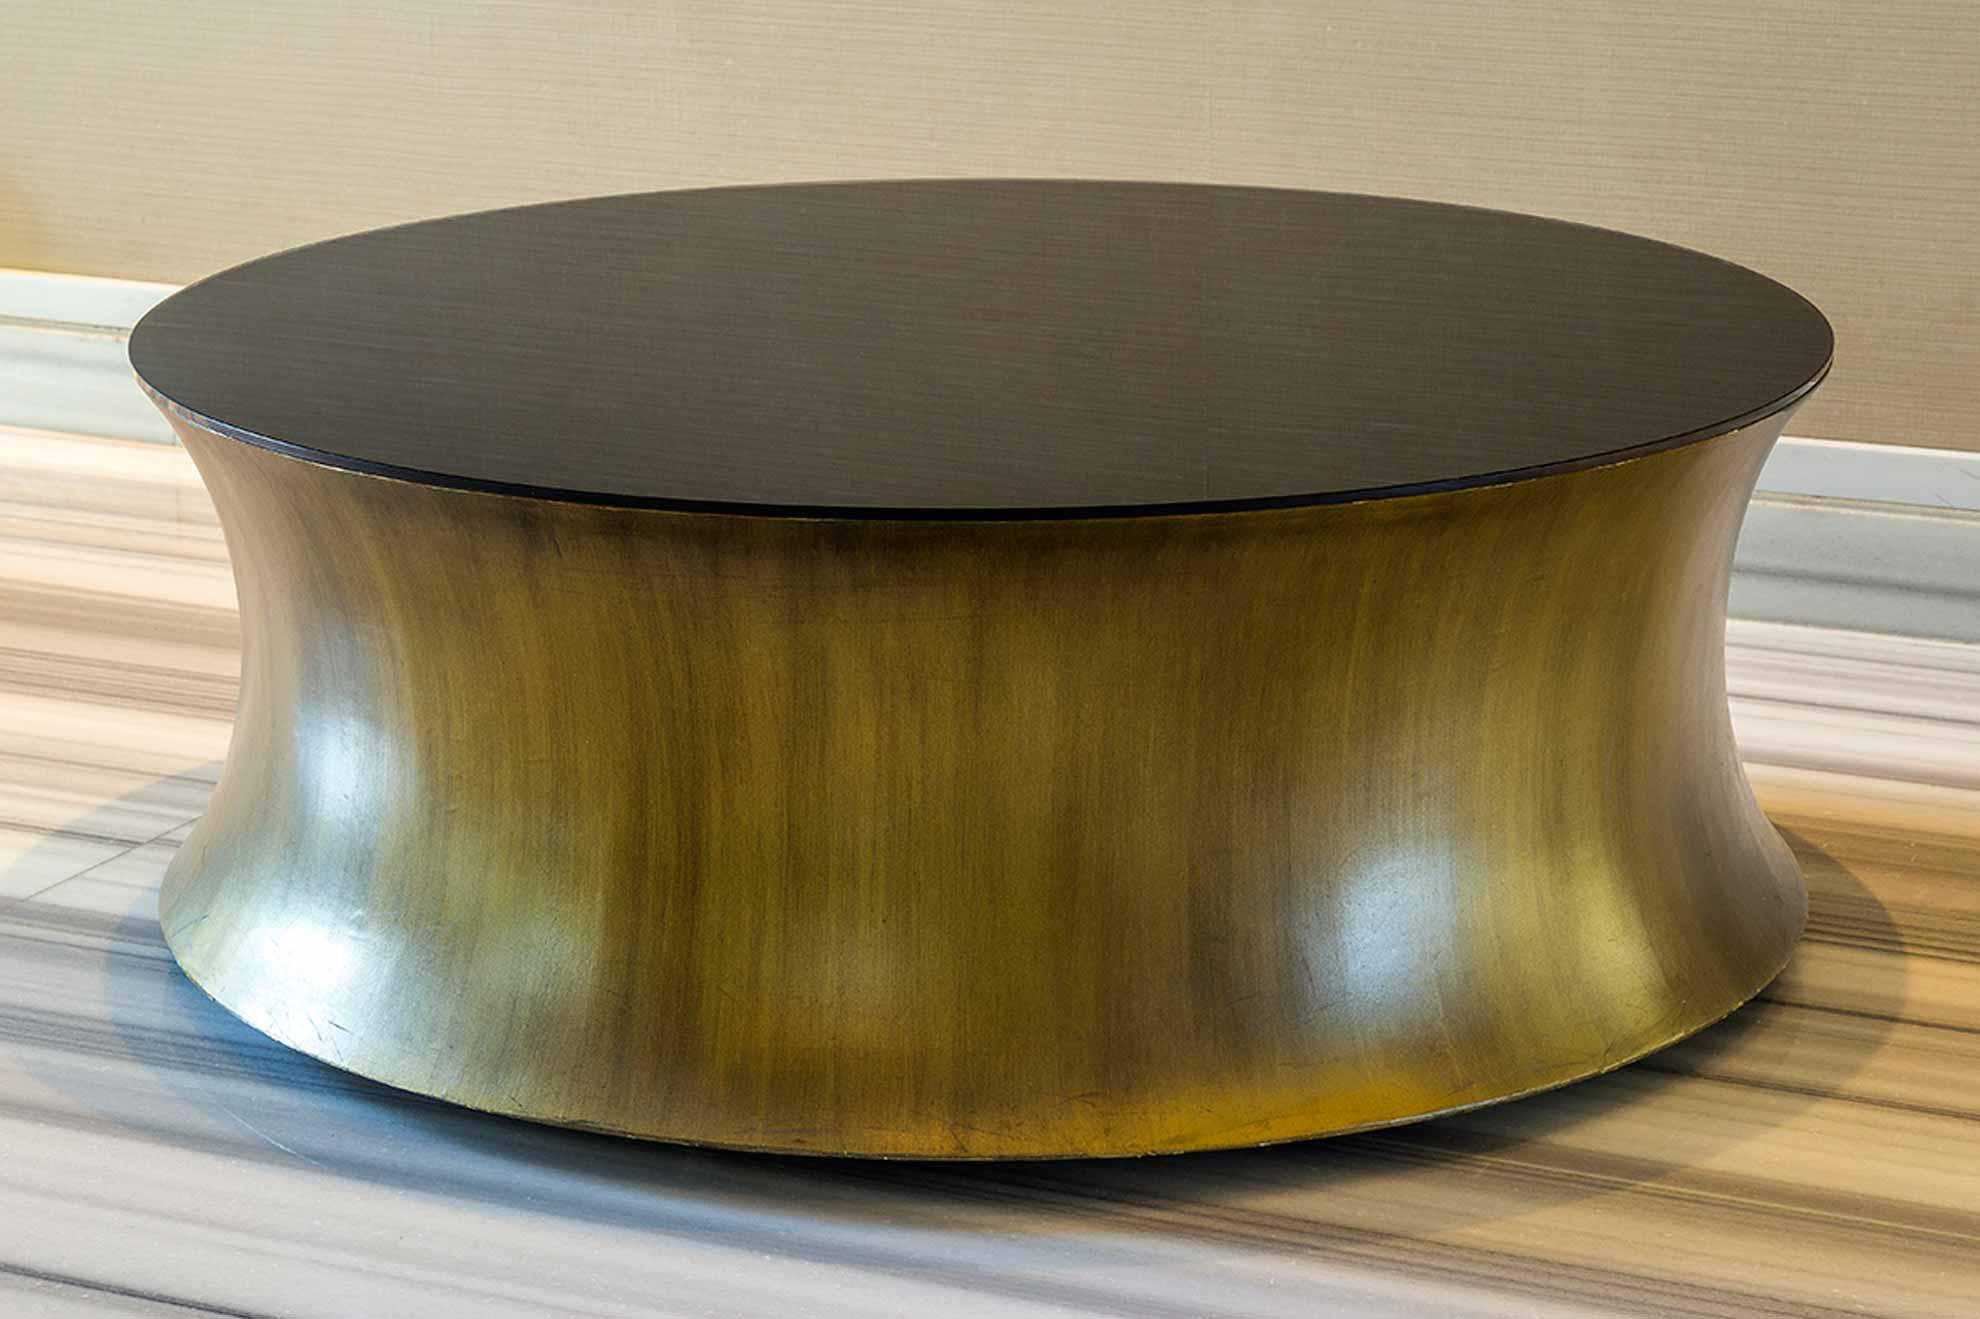 Mesa de acero cepillado color latón avejentado y vidrio pintado en negro.